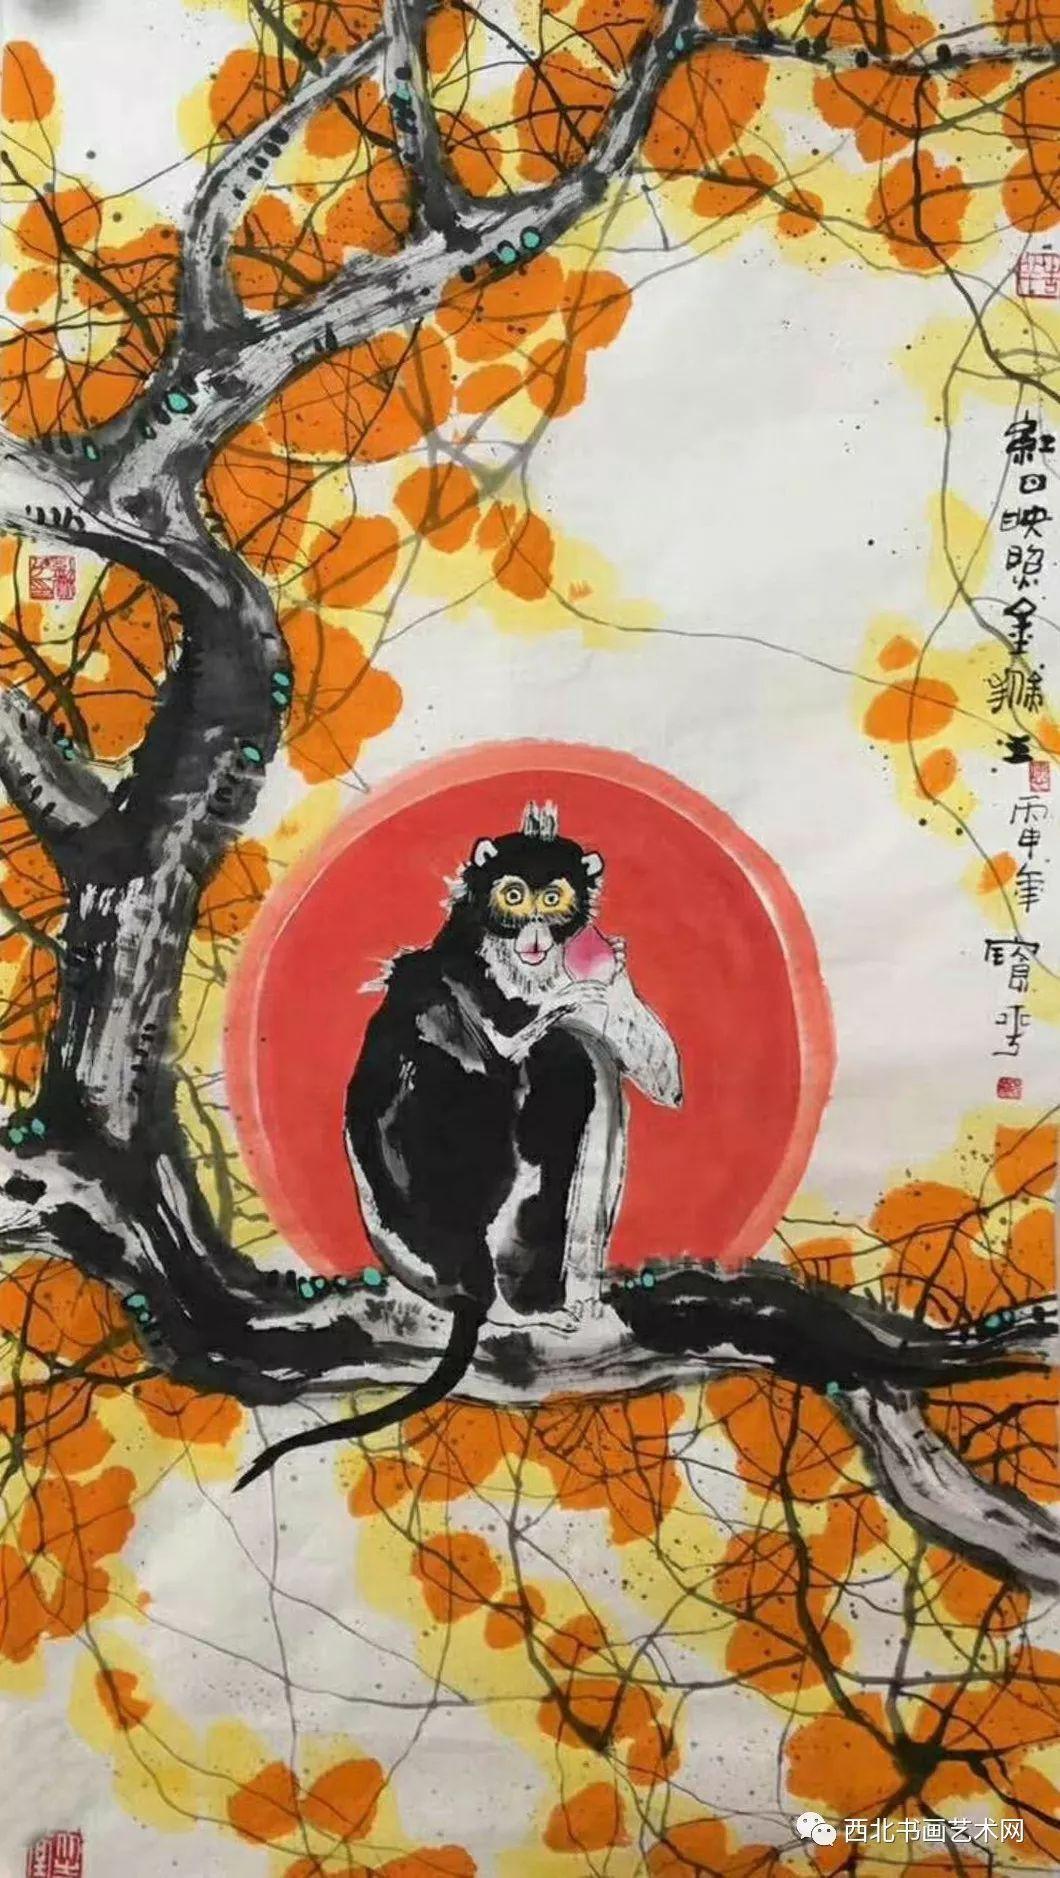 西北书画艺术网向您推荐:著名画家刘宝平 第20张